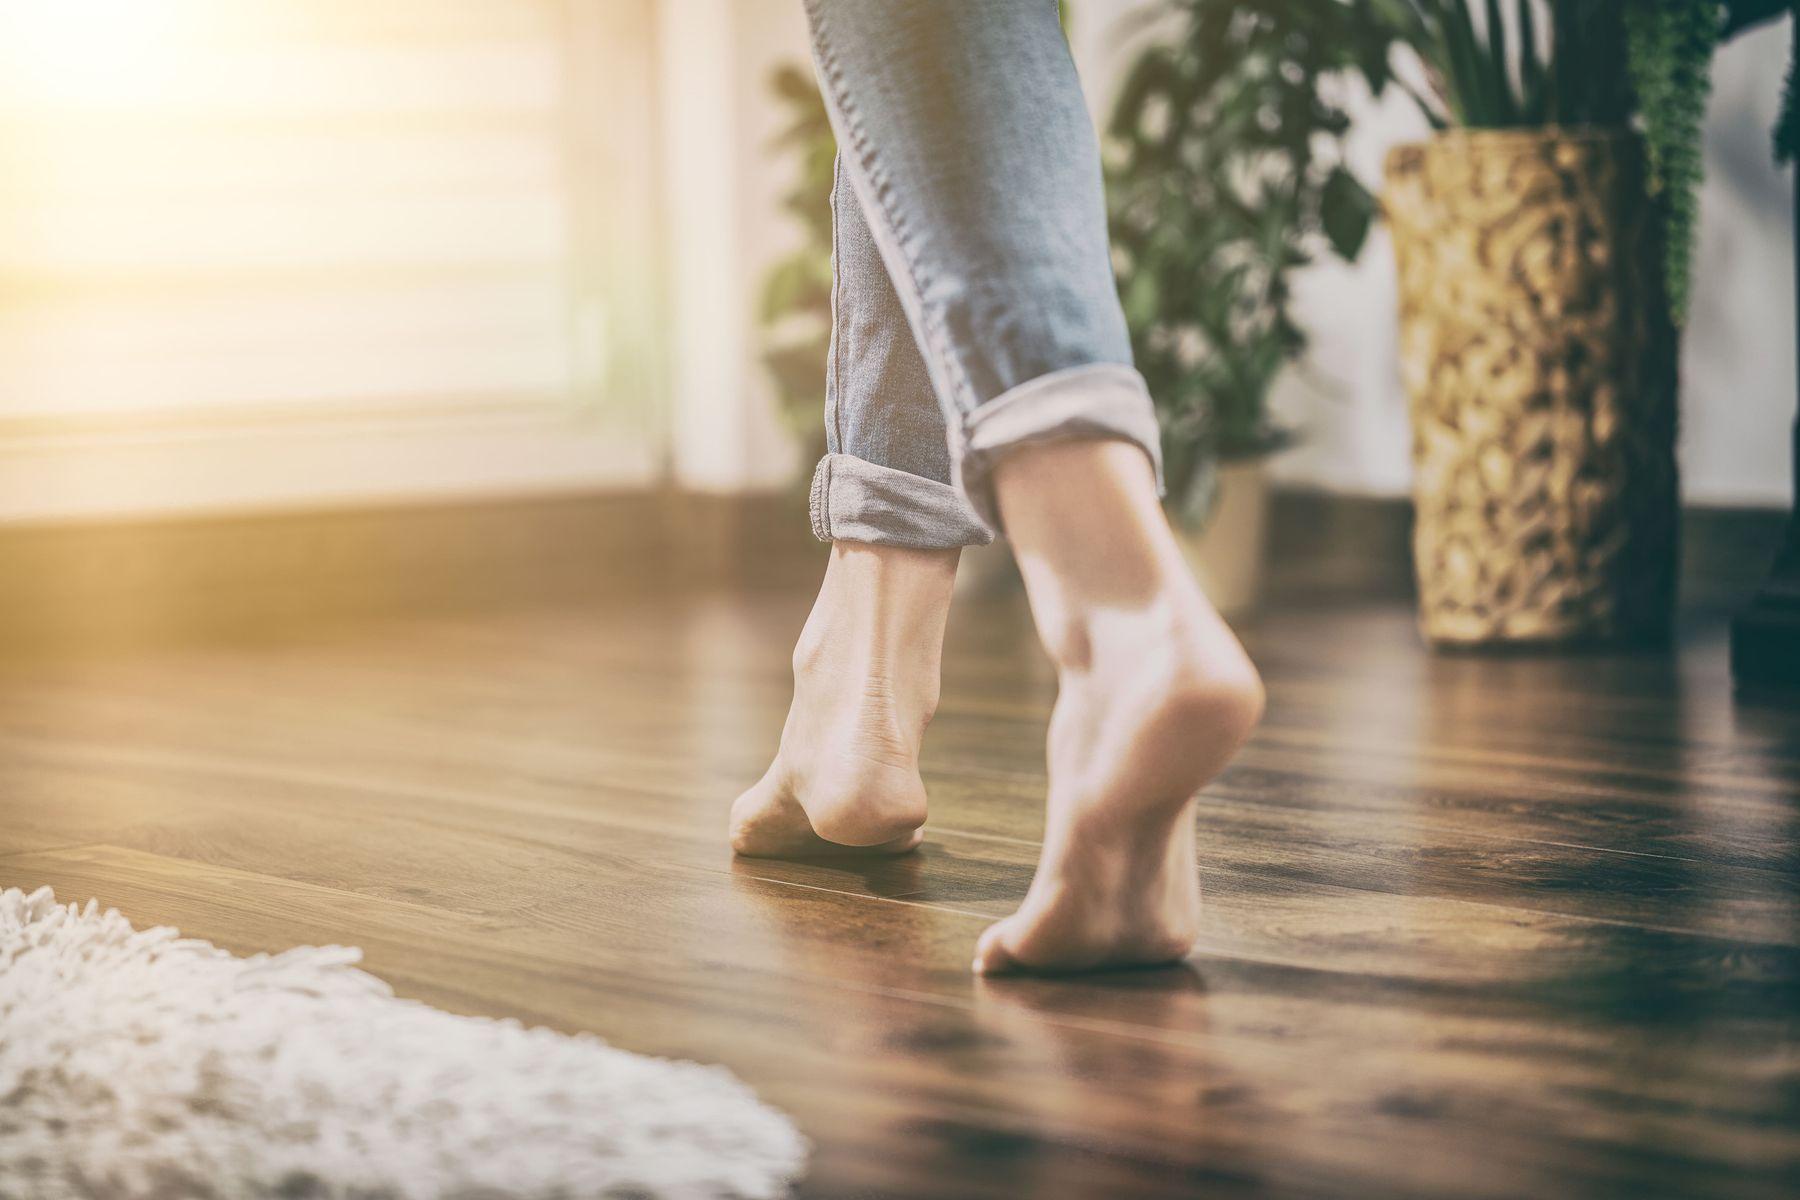 Mulher andando em piso brilhando, com vasos no chão e tapete